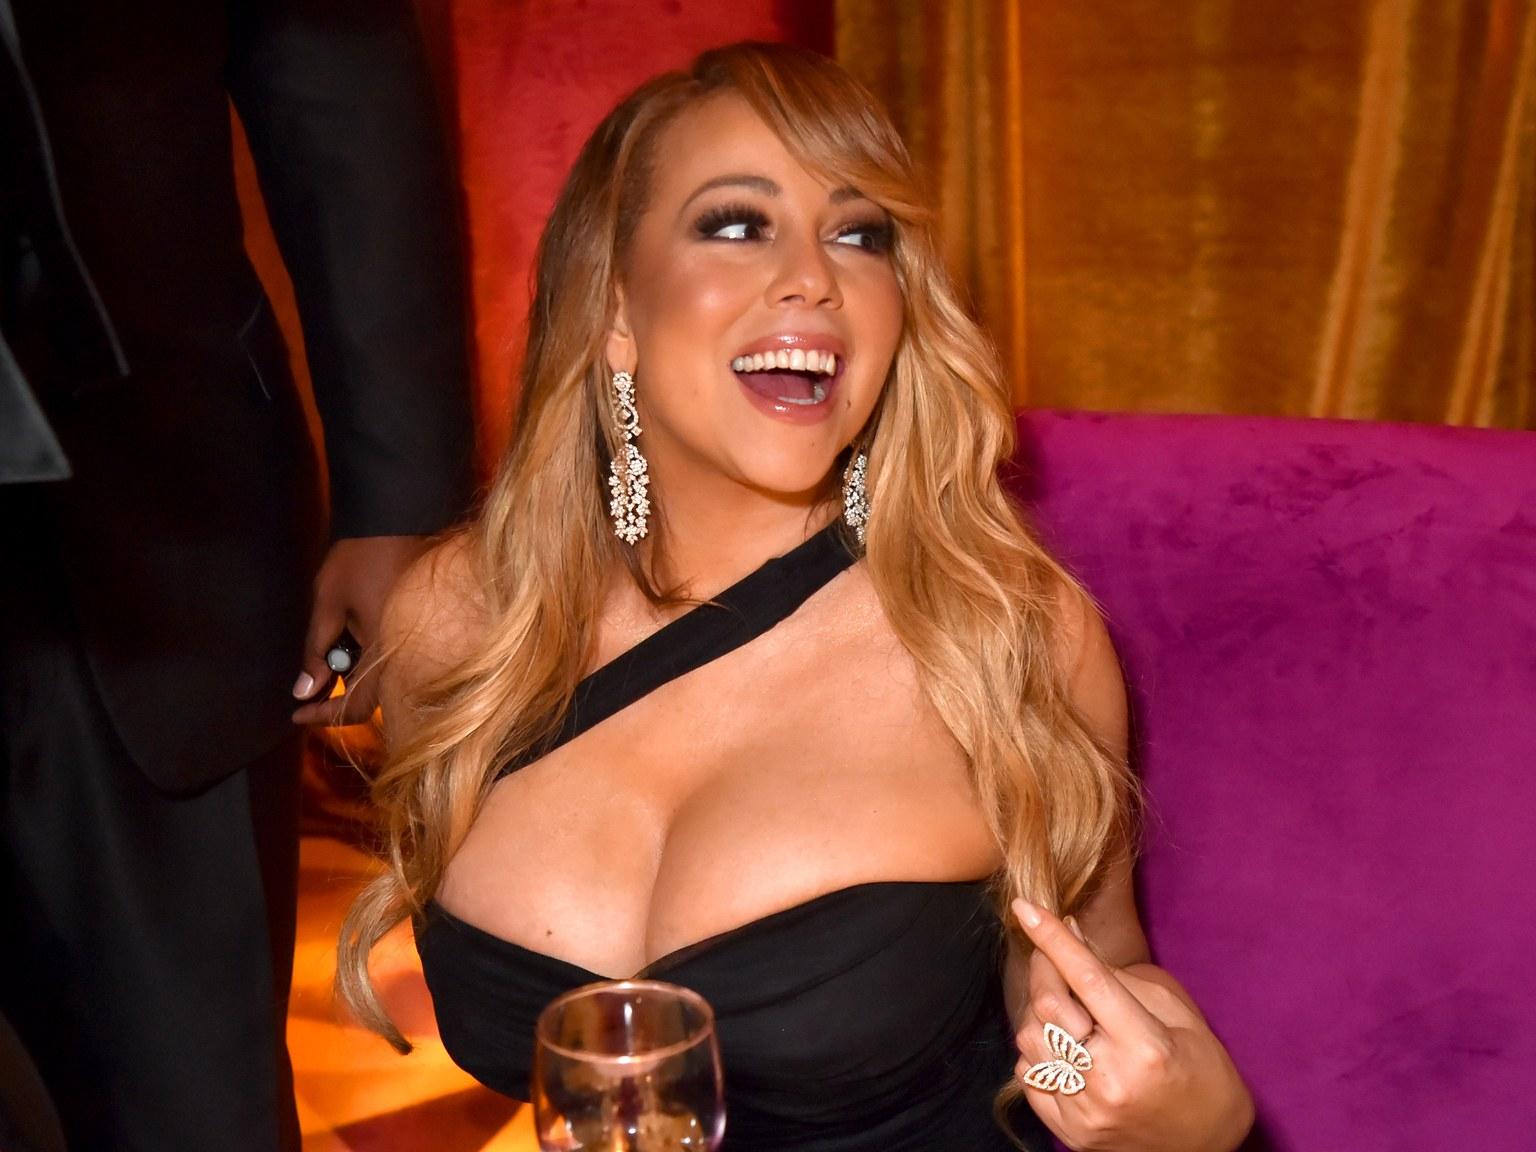 متن و ترجمه آهنگ های ماریا کری - Mariah Carey